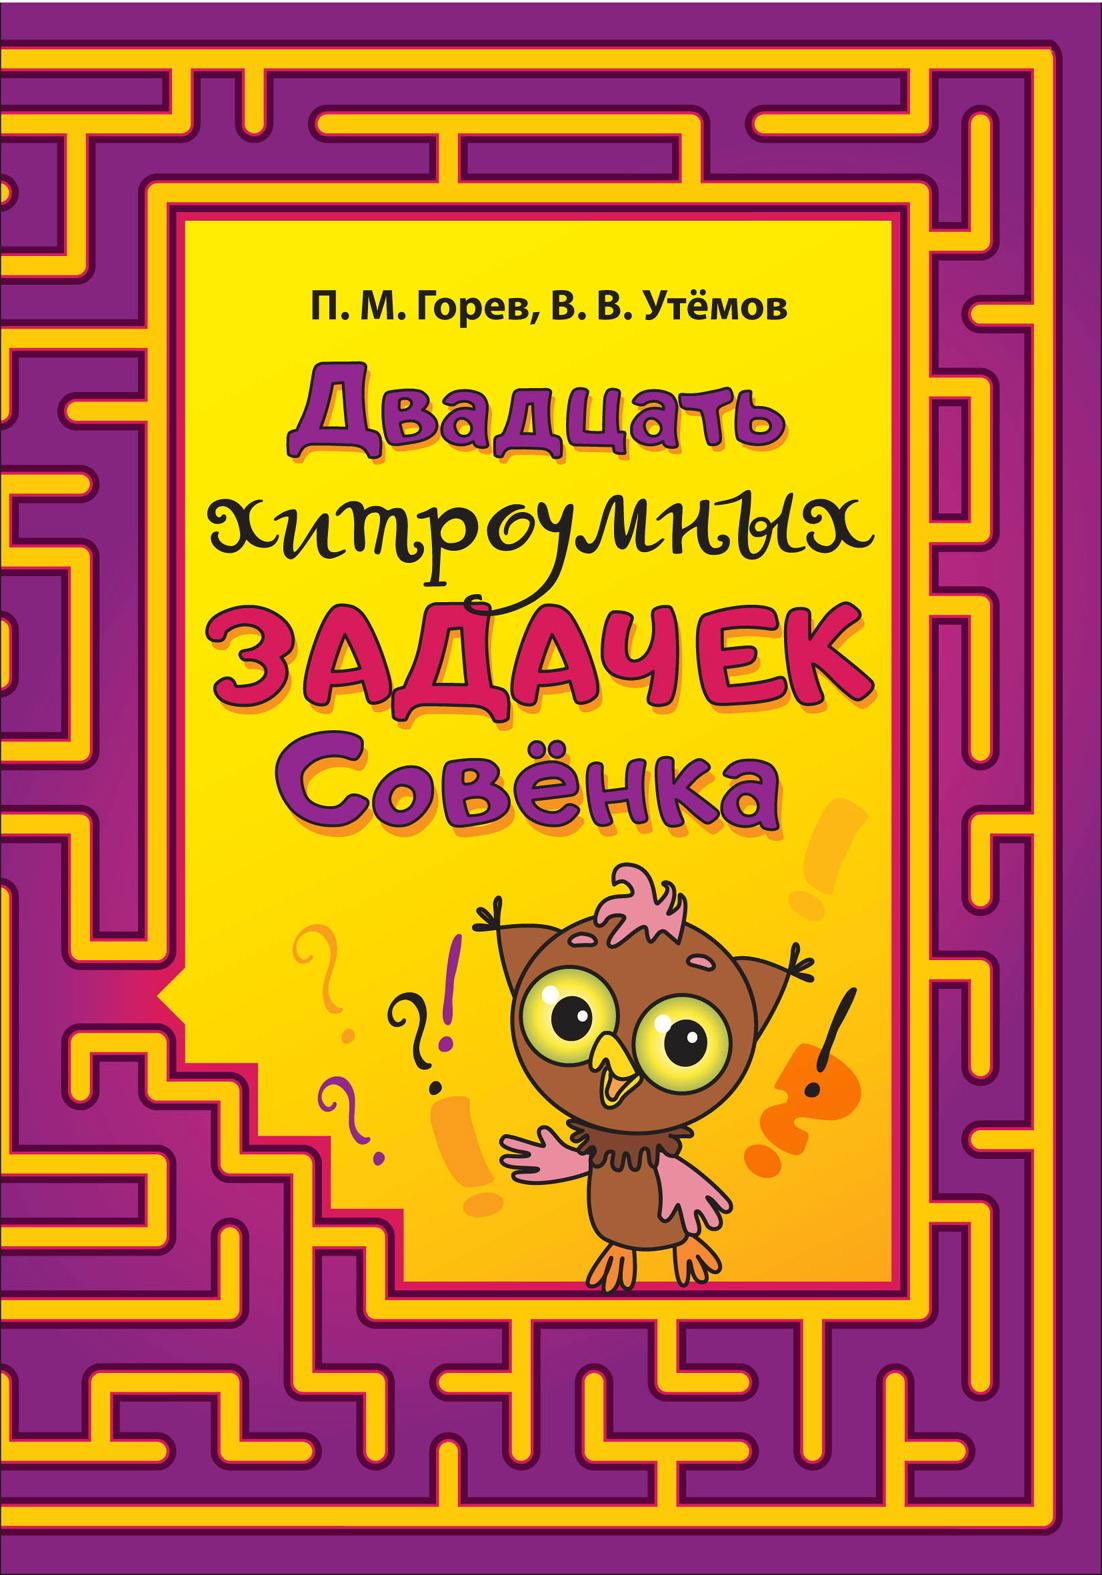 П. М. Горев Двадцать хитроумных задачек Совёнка п м горев тренинг креативного мышления краткий курс научного творчества